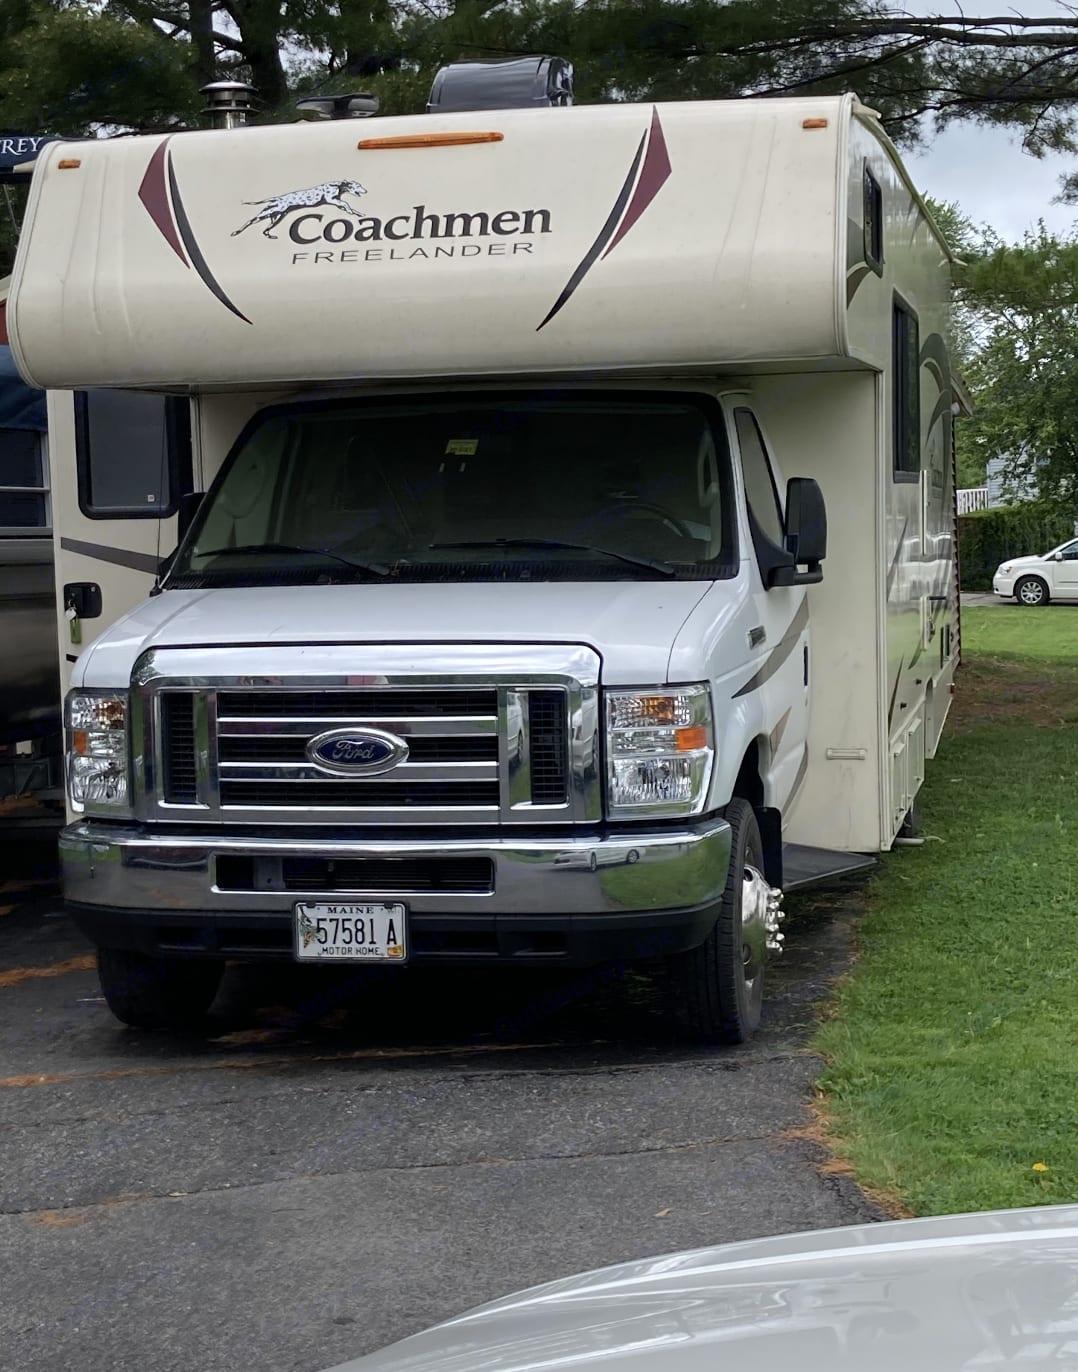 Ford Coachman Freelander 2019